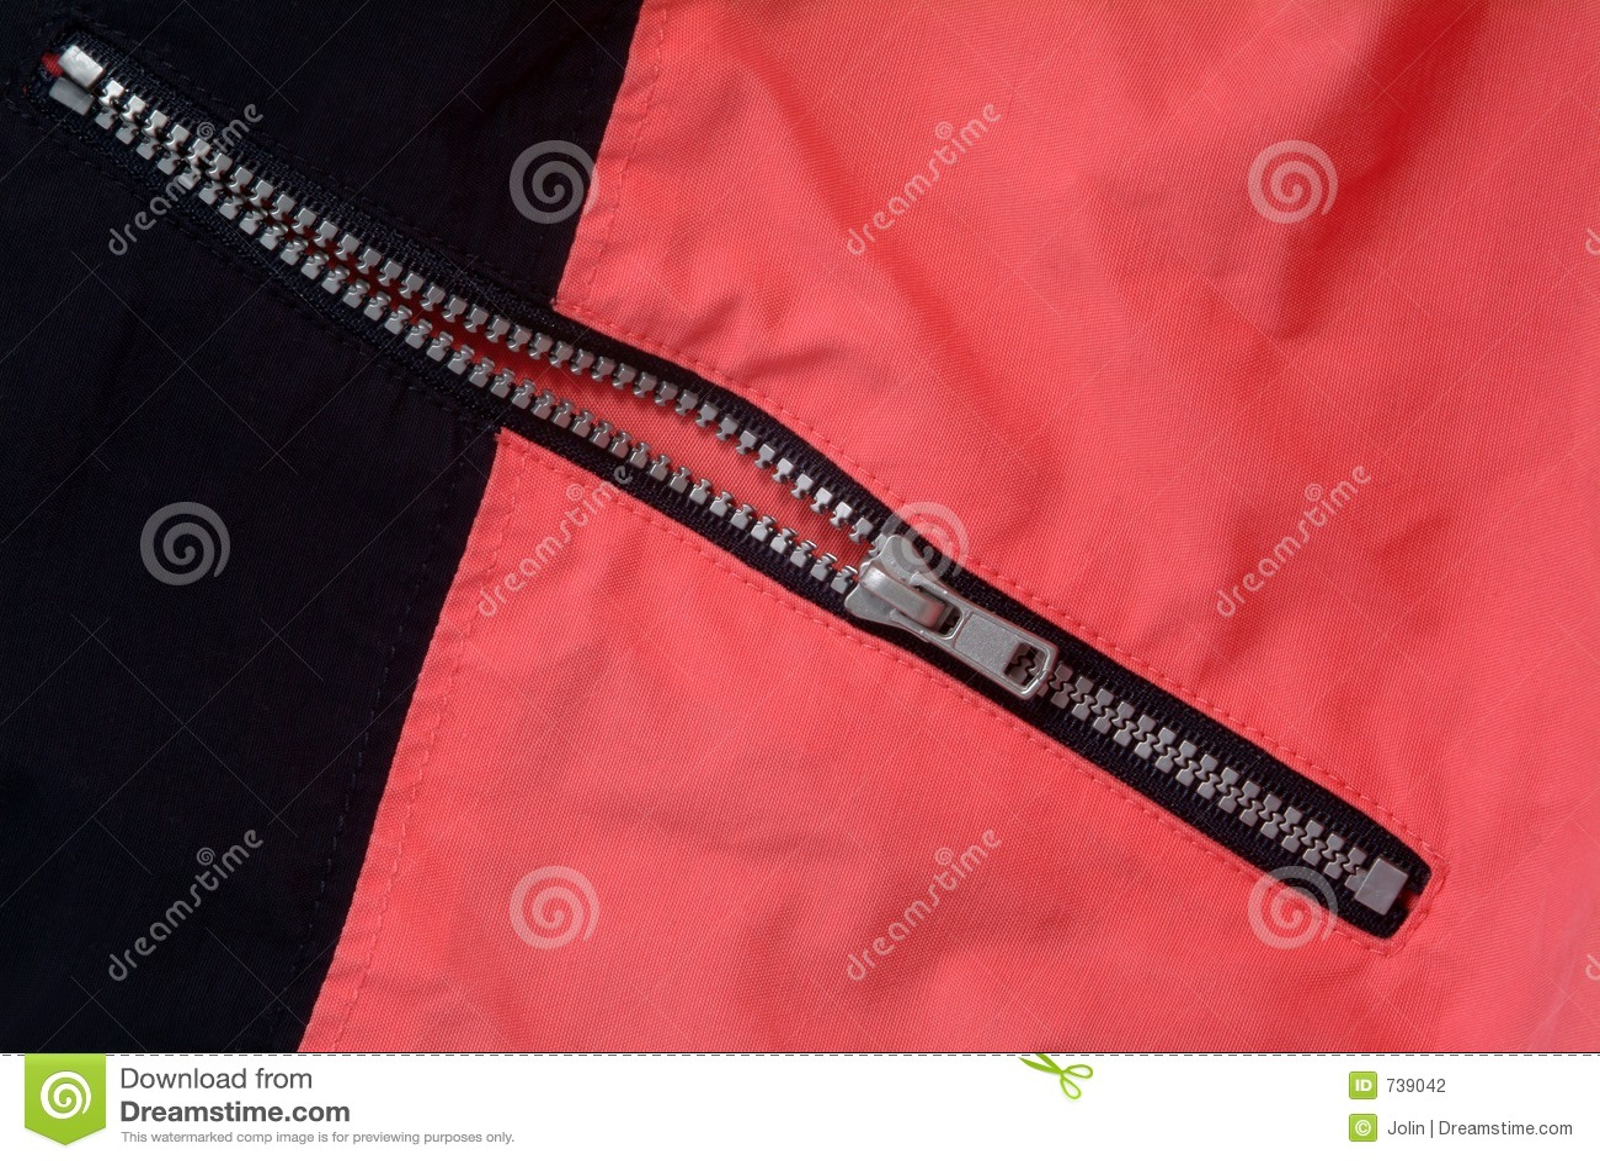 Chiusura lampo applicata sui vestiti